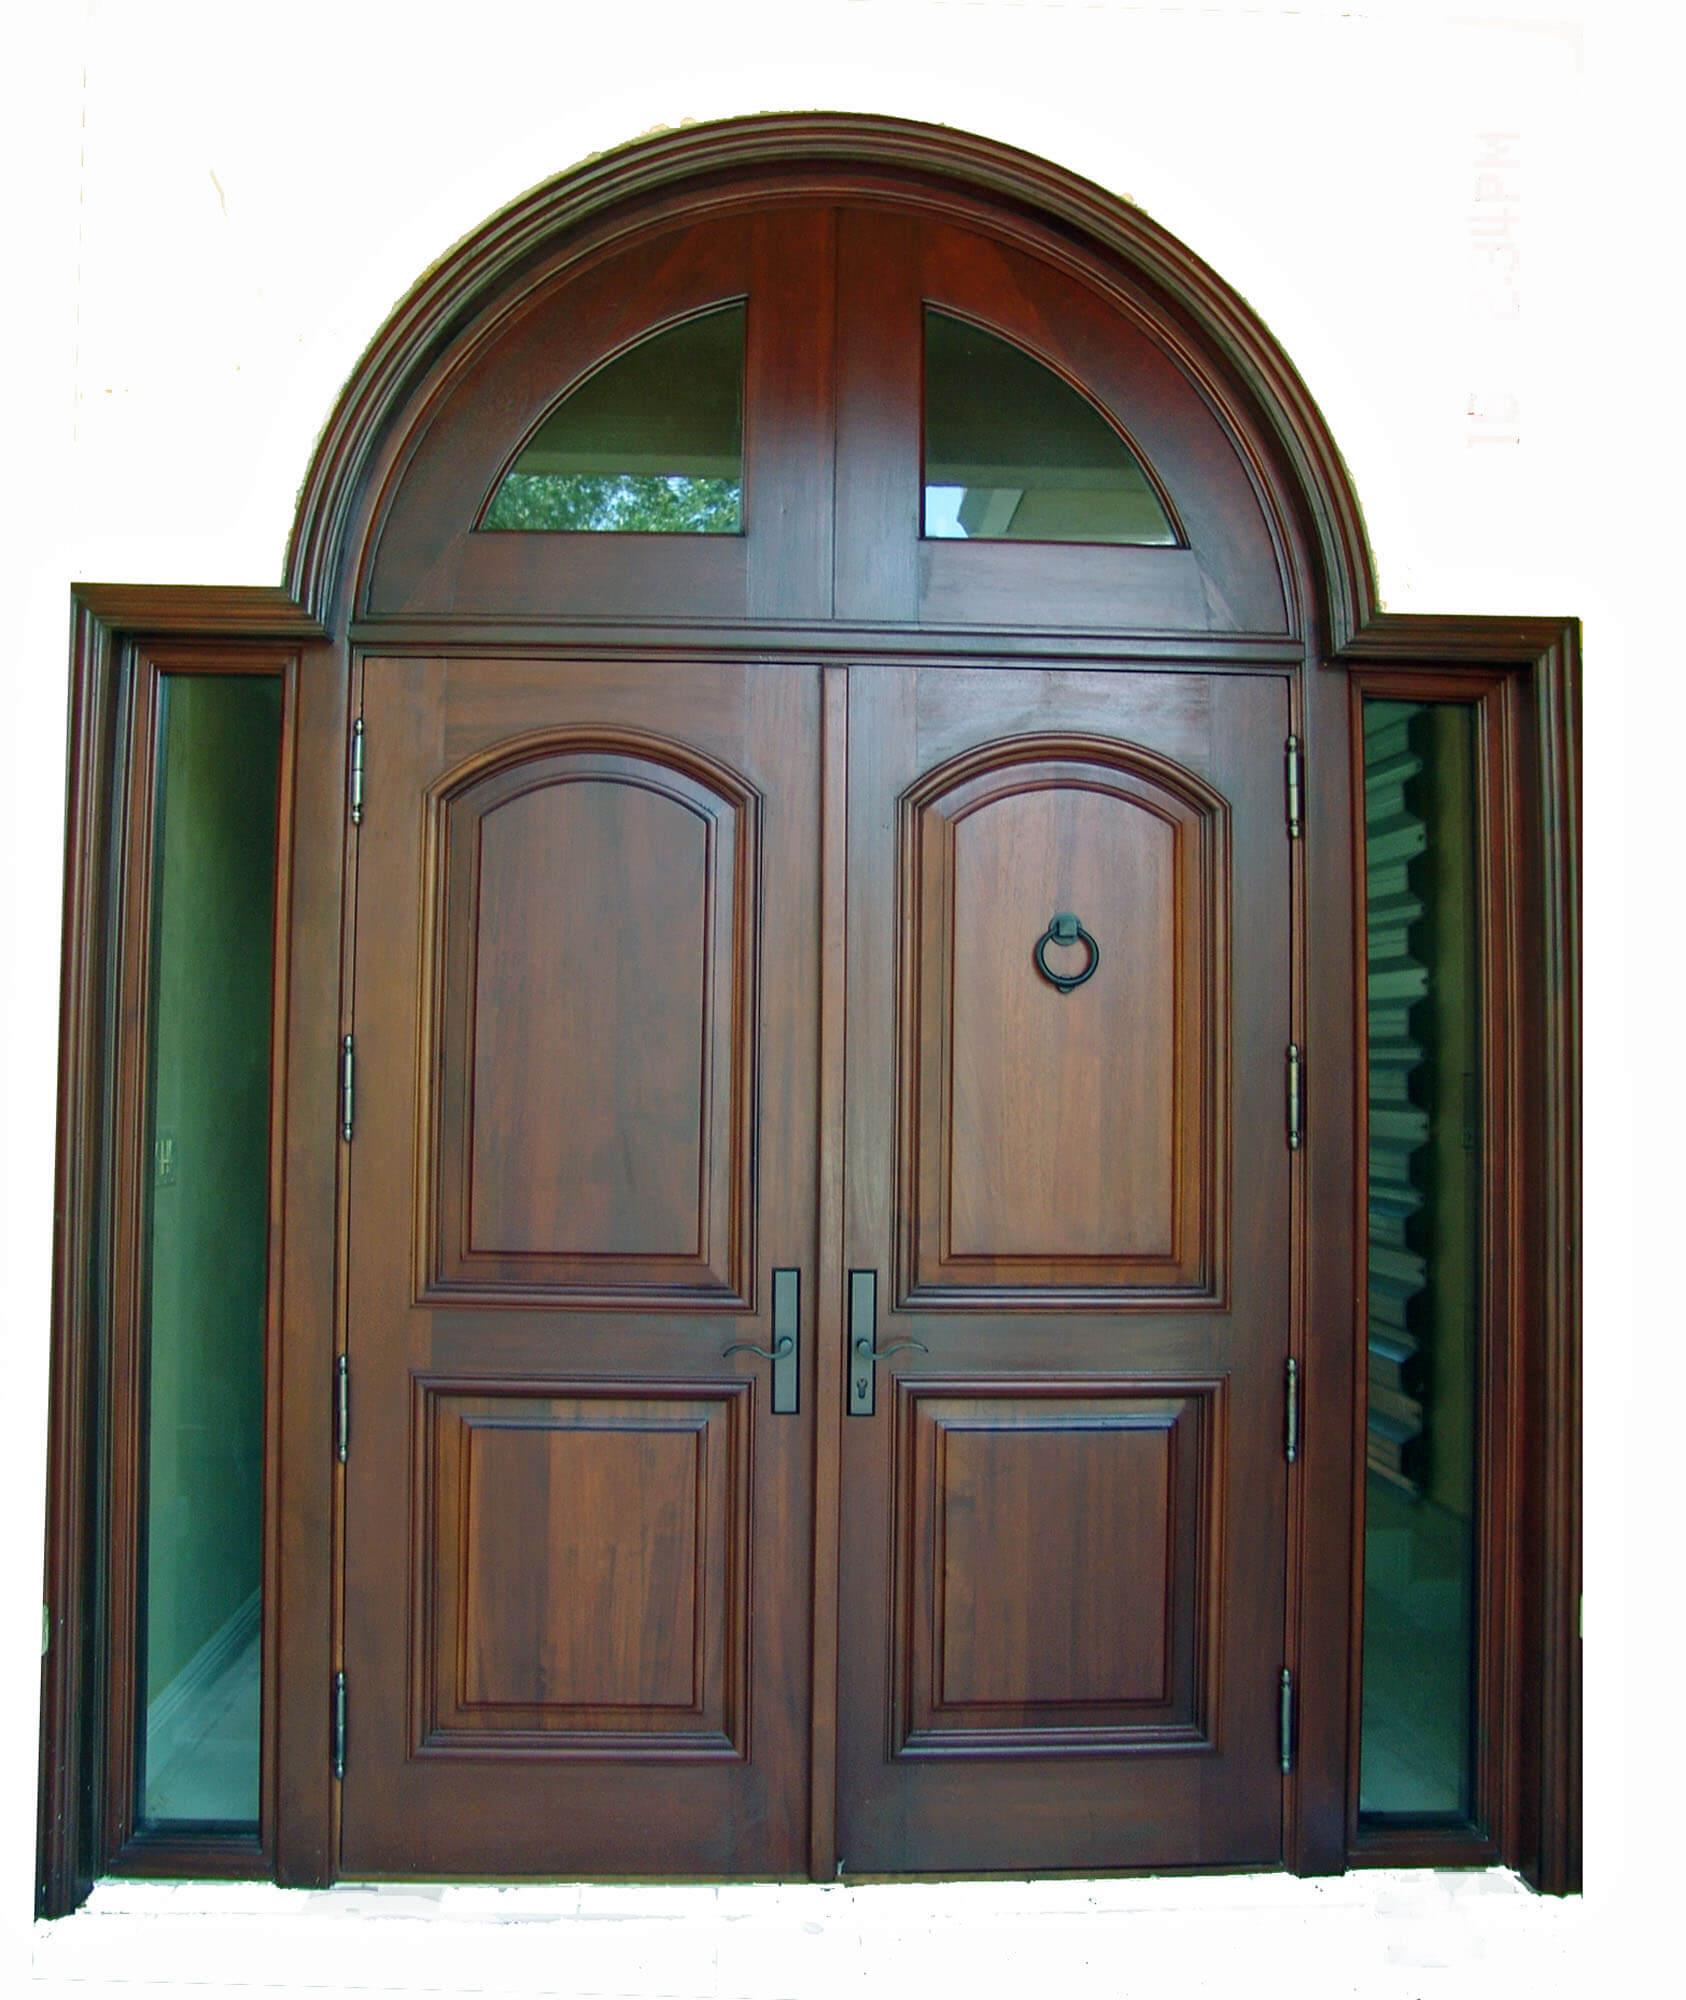 Gables by The Sea Mahogany Entry Door